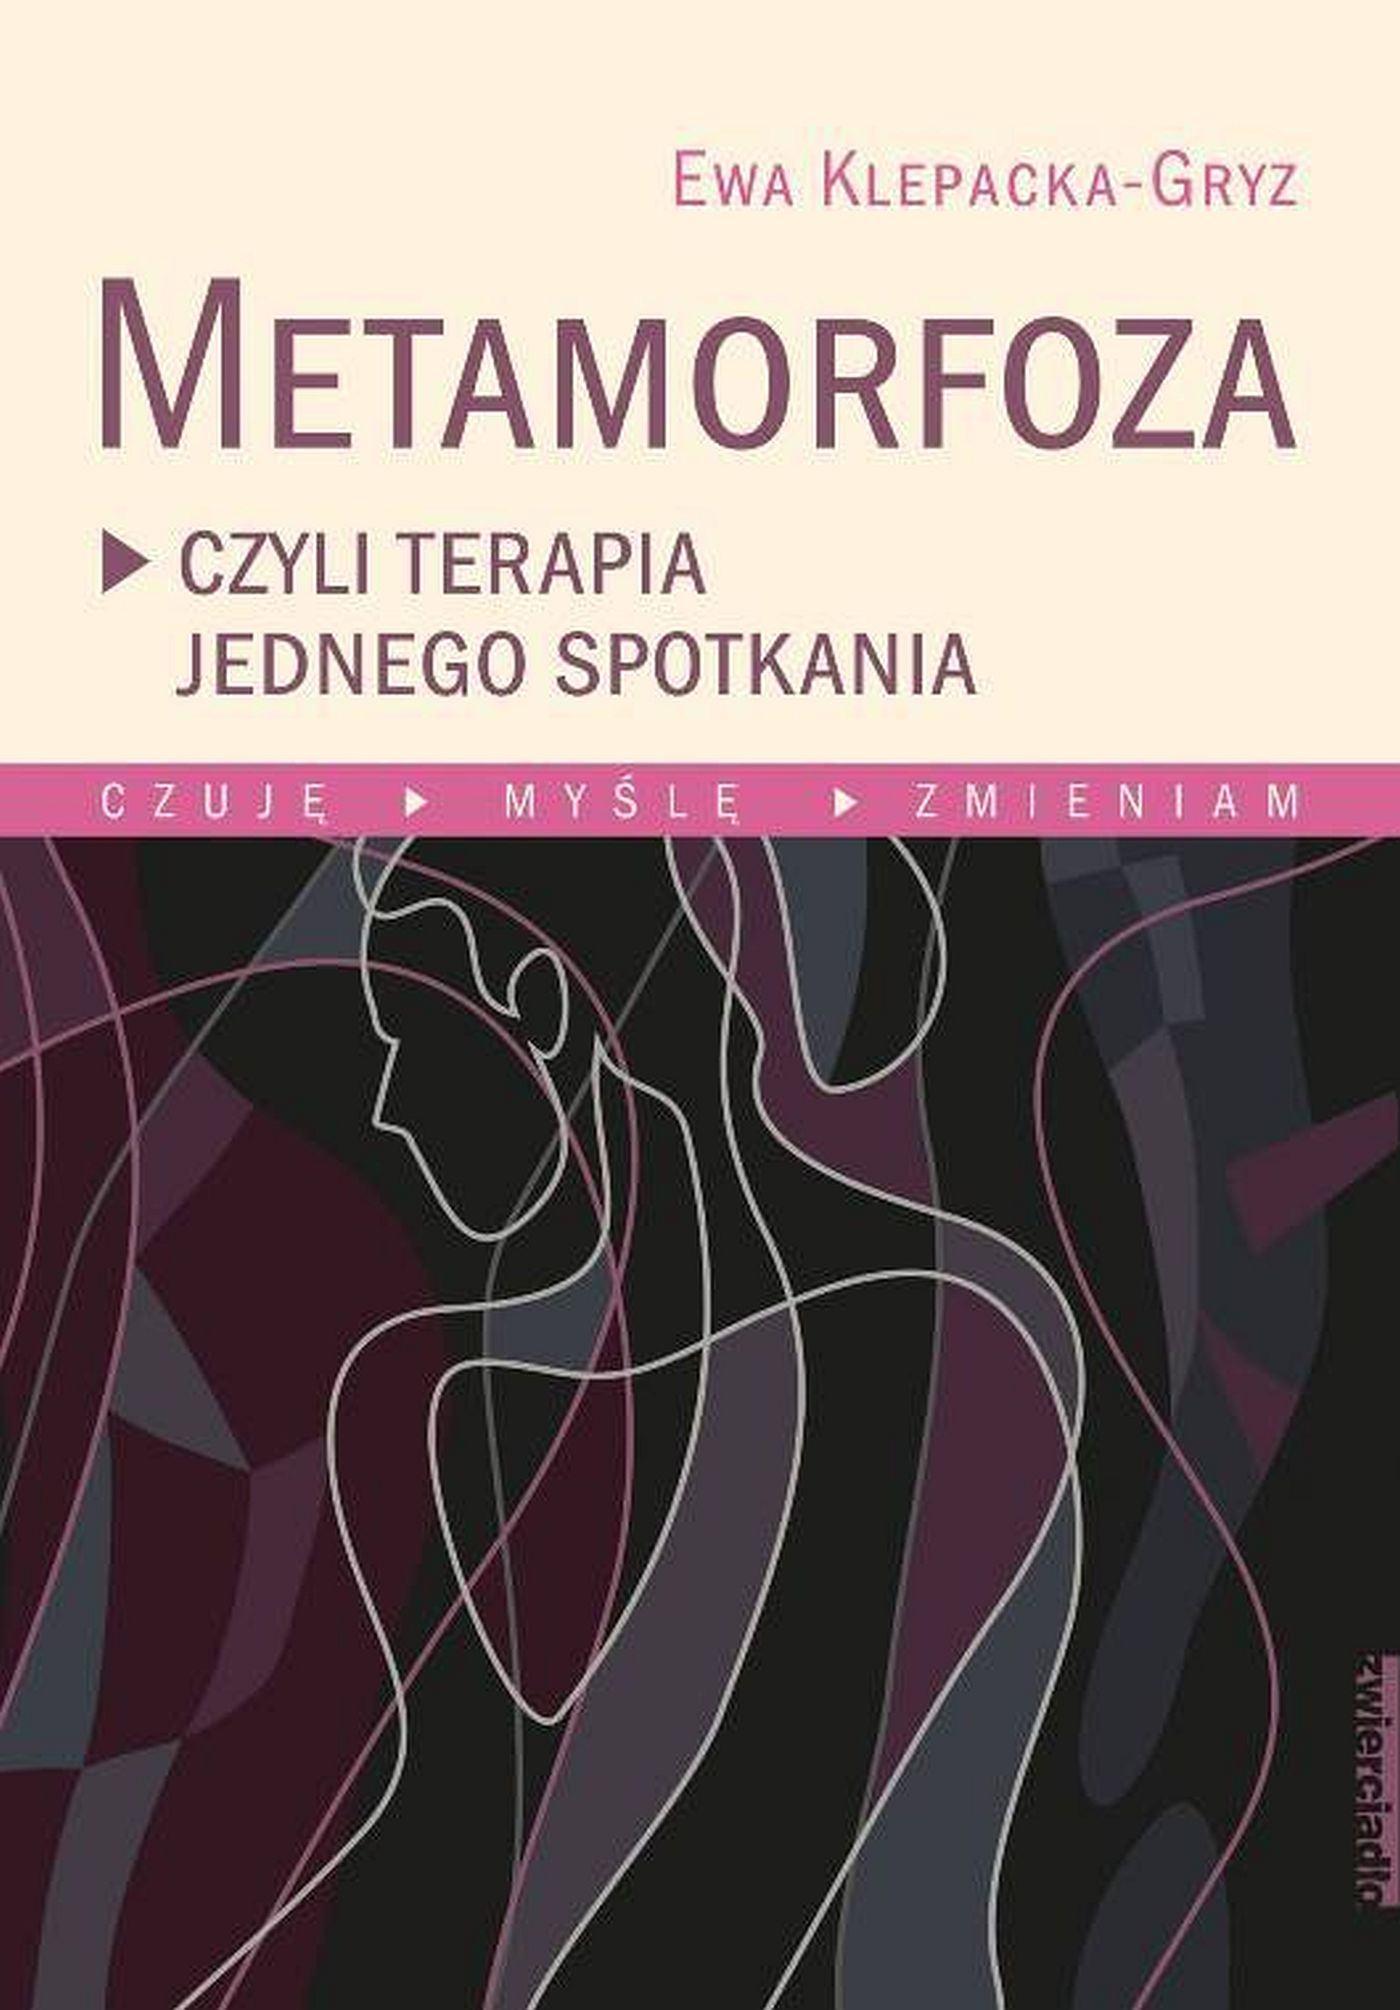 Metamorfoza, czyli terapia jednego spotkania Czuję, myślę, zmieniam. - Ebook (Książka EPUB) do pobrania w formacie EPUB